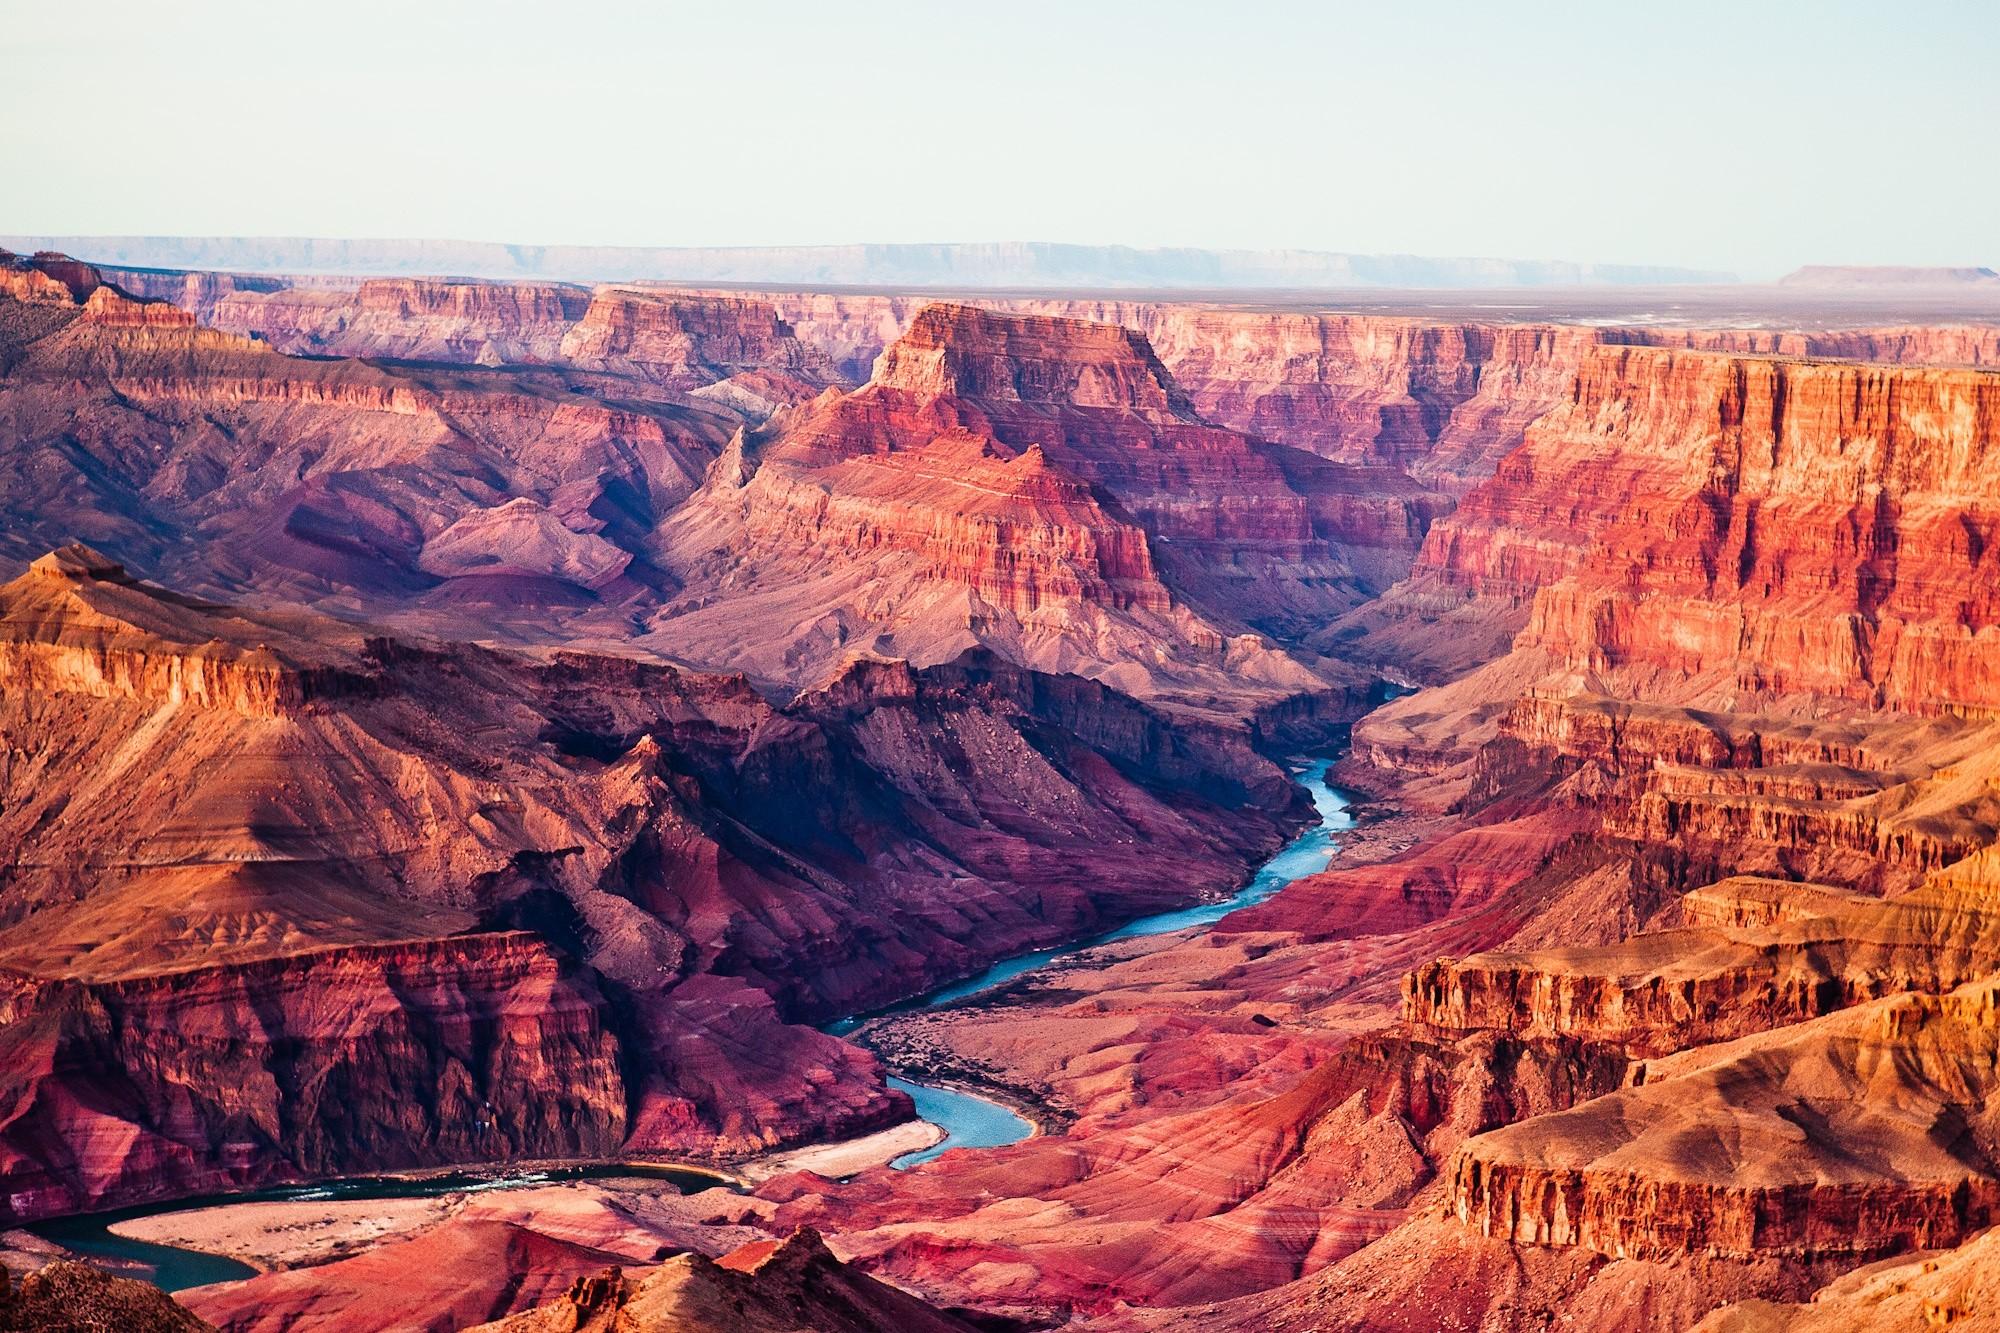 гранд каньон аризона - река